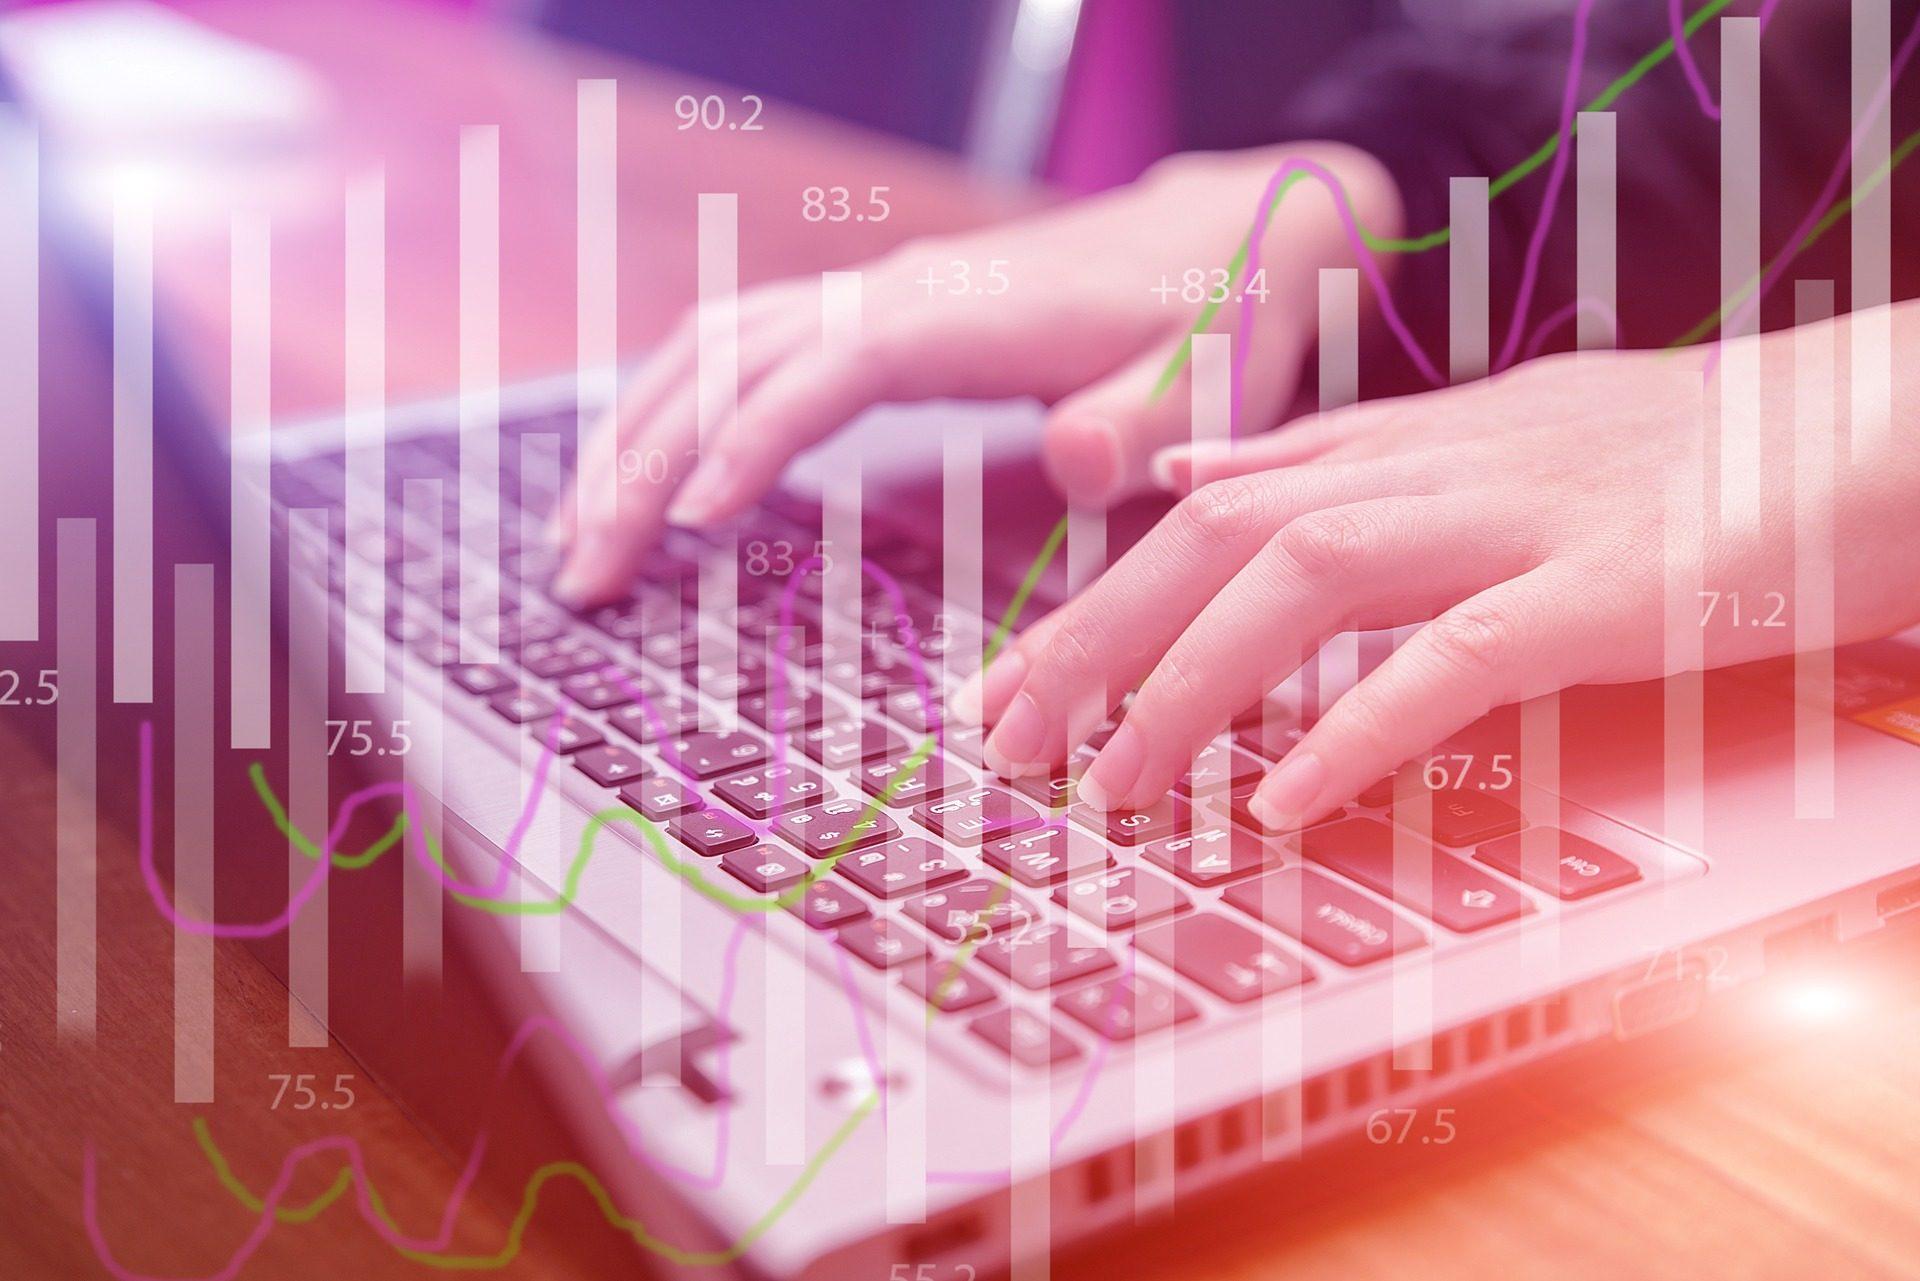 جهاز الكمبيوتر, أيدي, الرسم, أشرطة, الشؤون المالية, حقيبة - خلفيات عالية الدقة - أستاذ falken.com